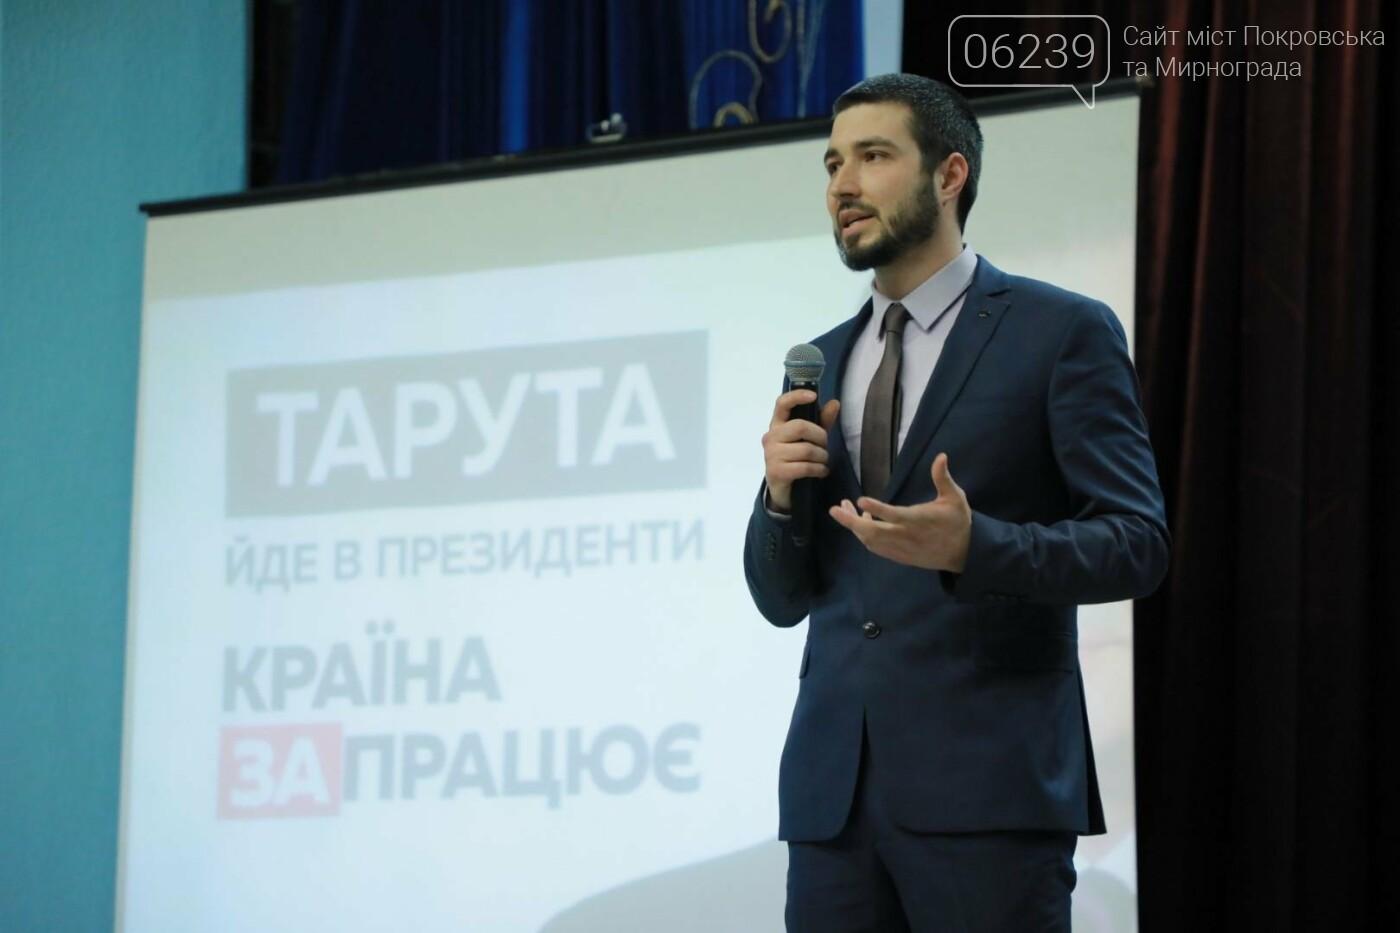 Кандидат на пост Президента Украины Сергей Тарута посетил Покровск, фото-16